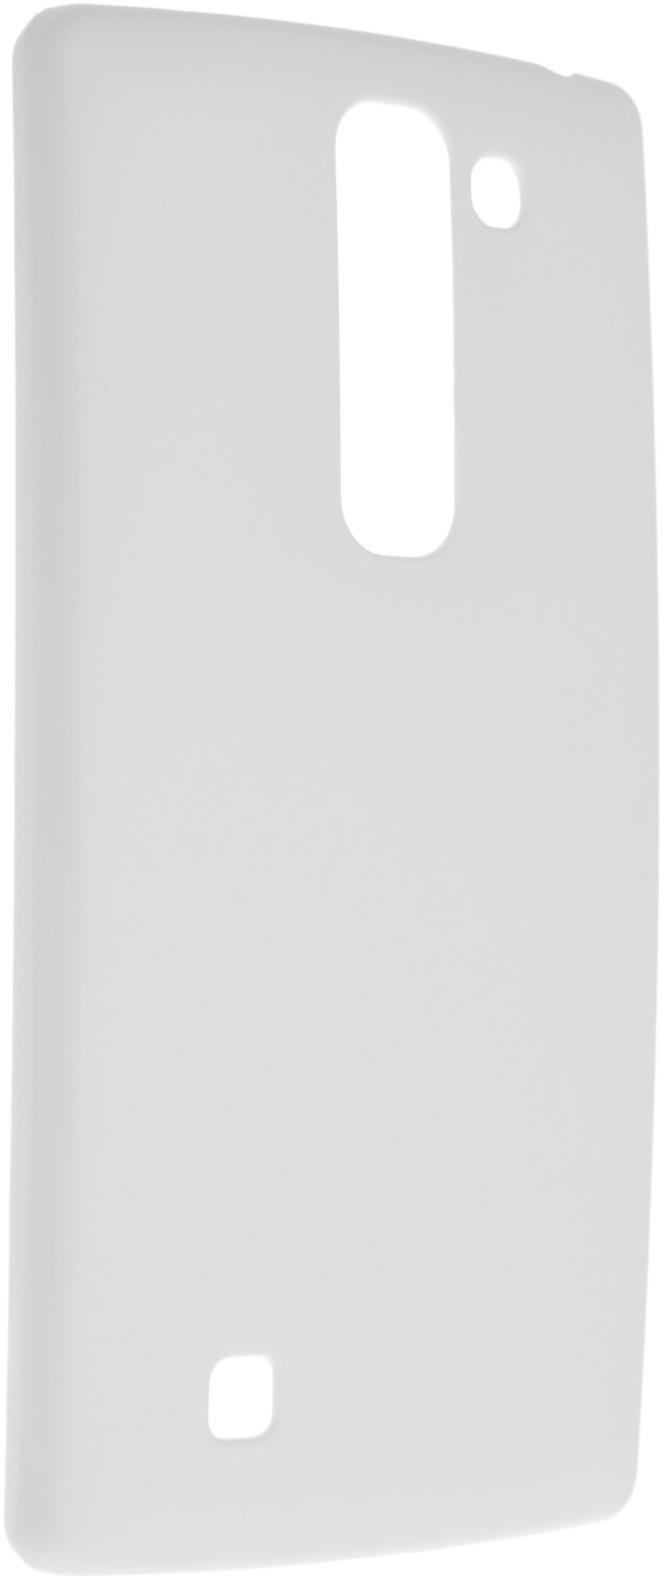 Чехол для сотового телефона skinBOX 4People, 4660041406900, белый чехол защитный skinbox lg magna